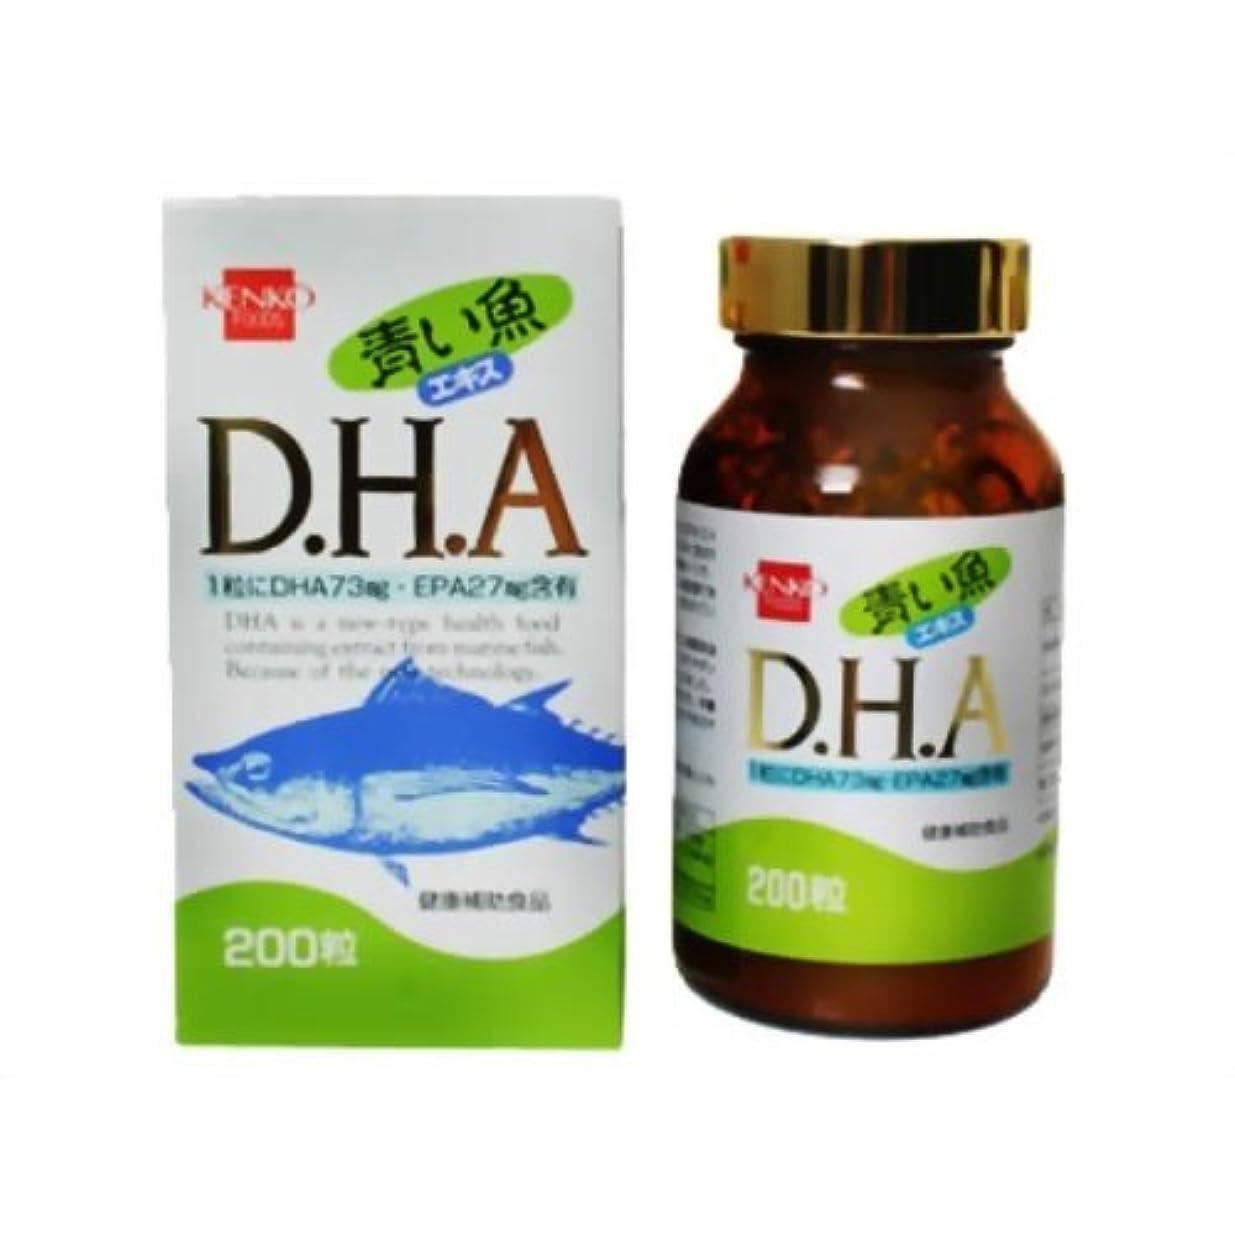 生きる想像力豊かな効率的健康フーズ 青い魚エキス DHA 200粒